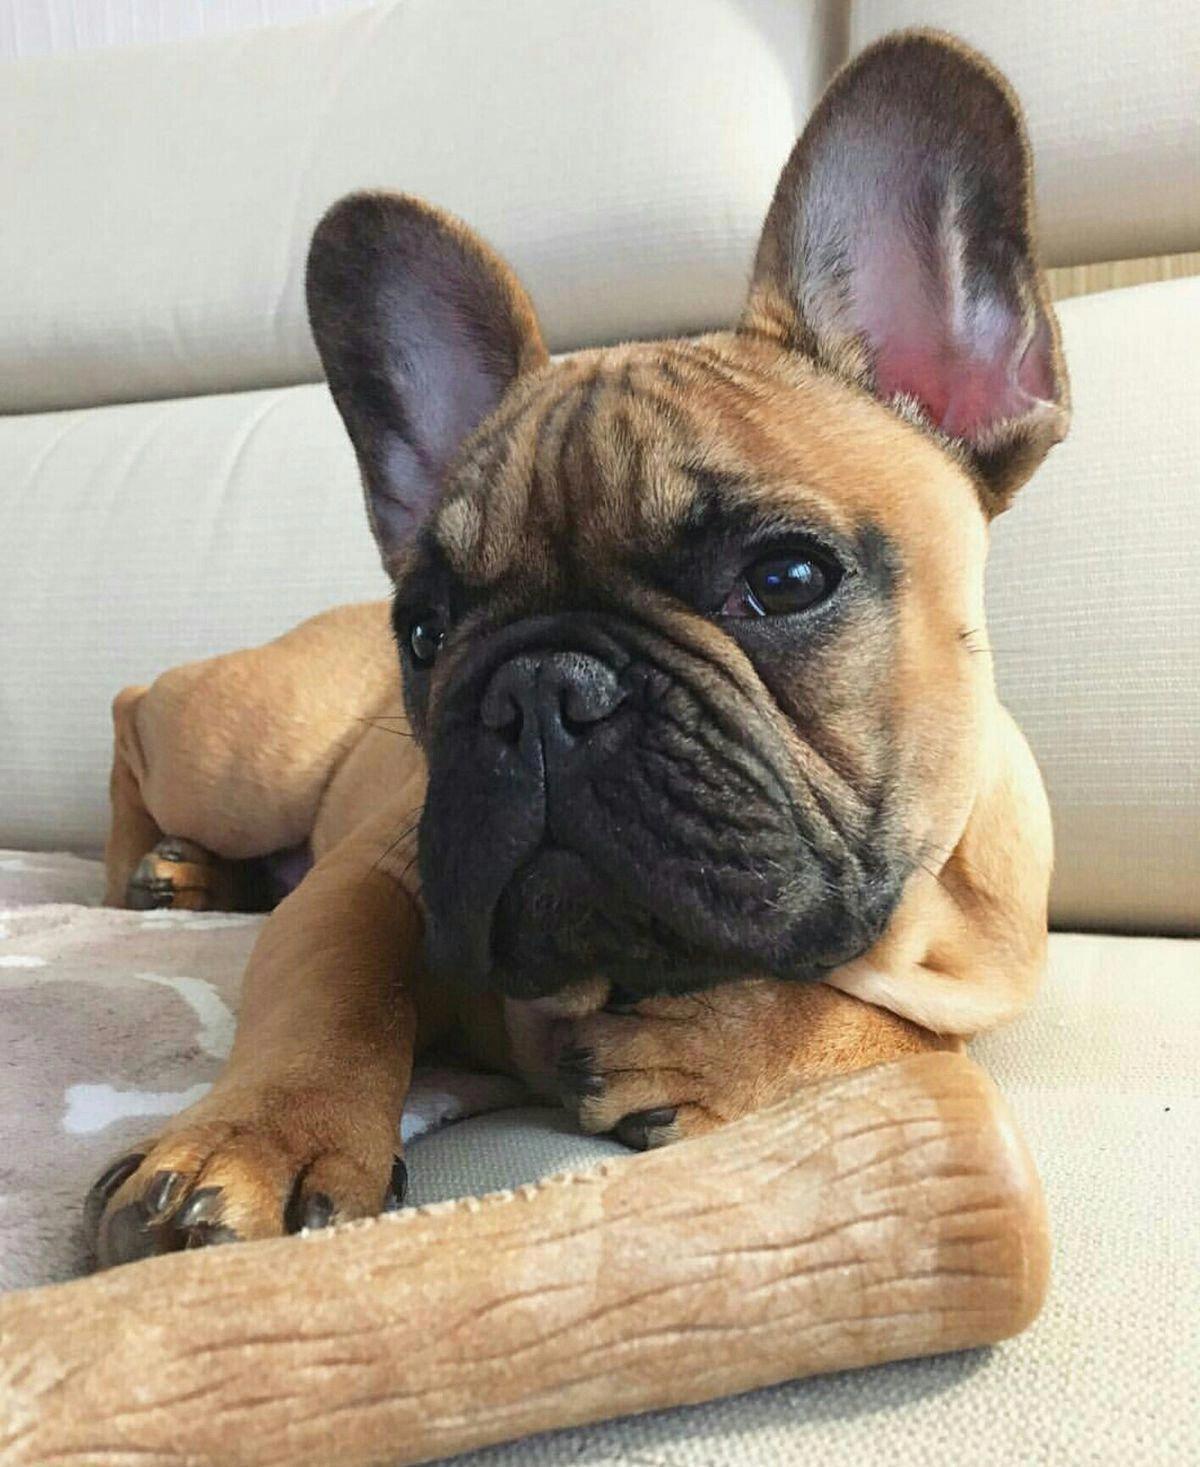 French Bulldog Playful and Smart Bulldog, Francia